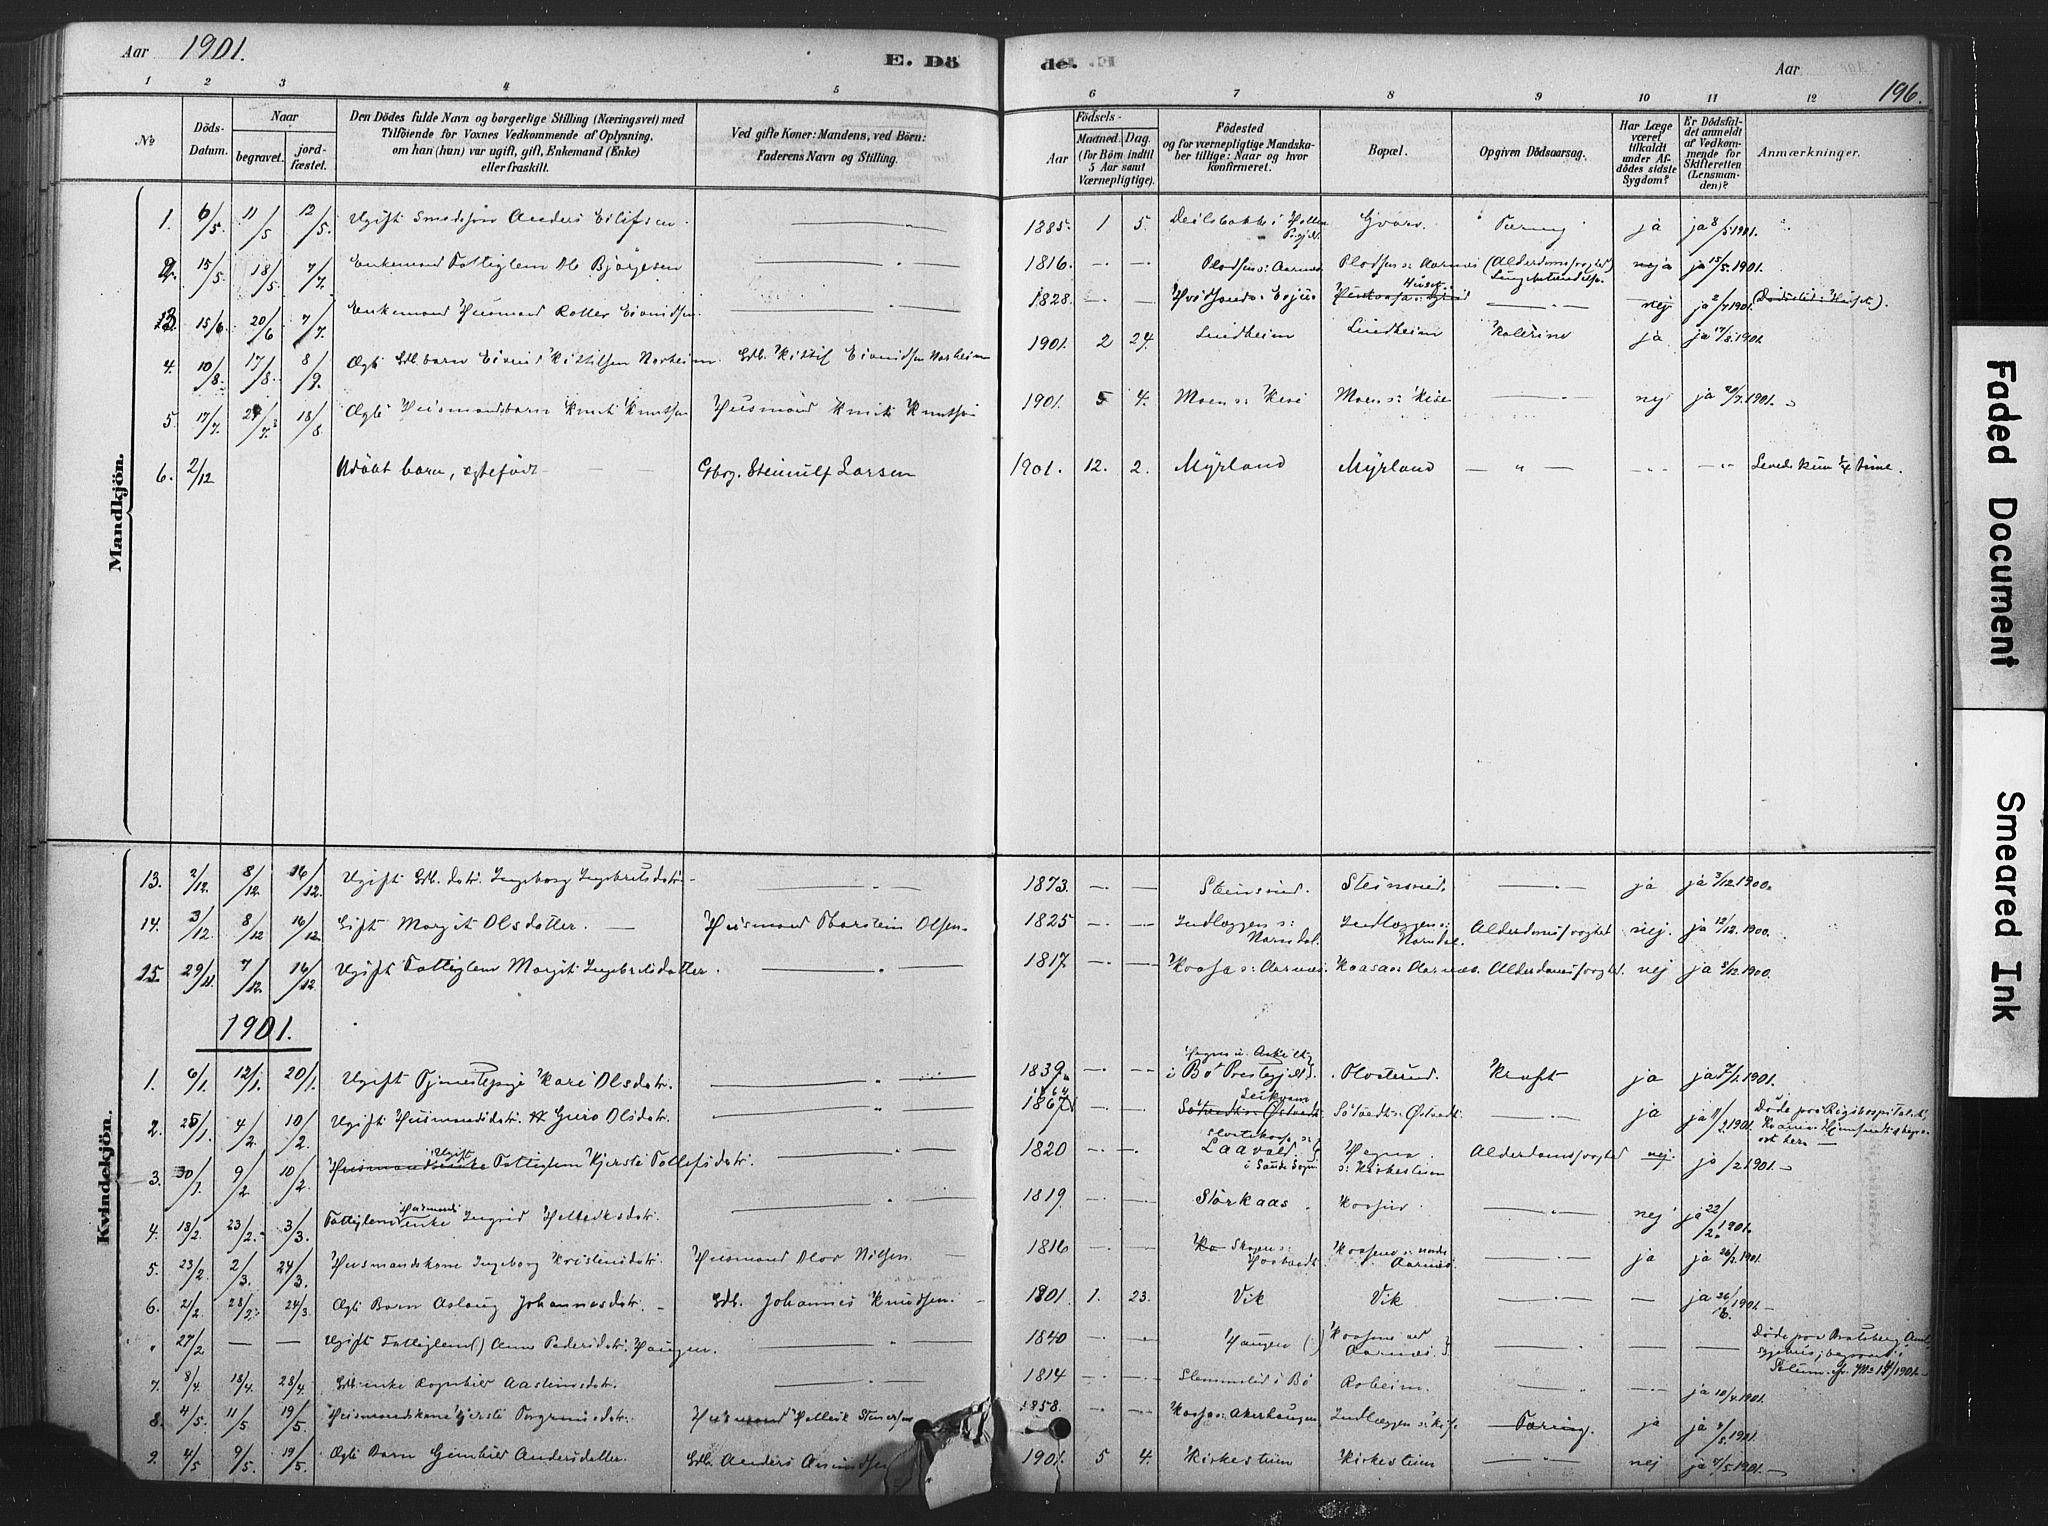 SAKO, Sauherad kirkebøker, F/Fb/L0002: Ministerialbok nr. II 2, 1878-1901, s. 196